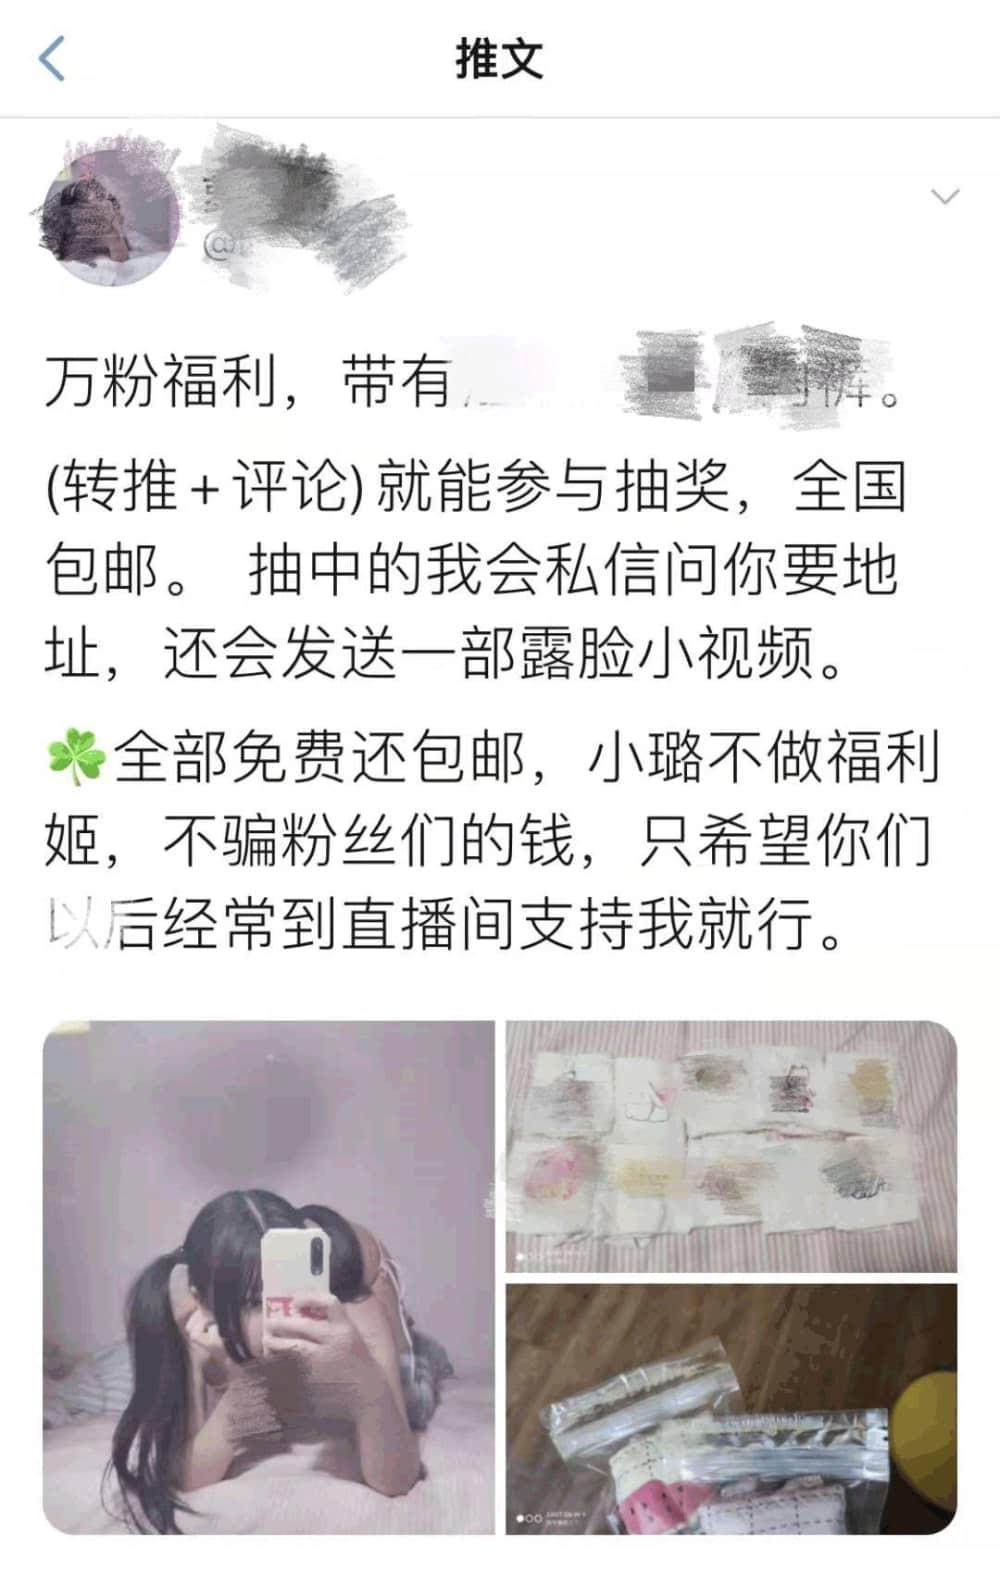 """新华社:""""福利姬""""地下色情产业毒害青少年!"""